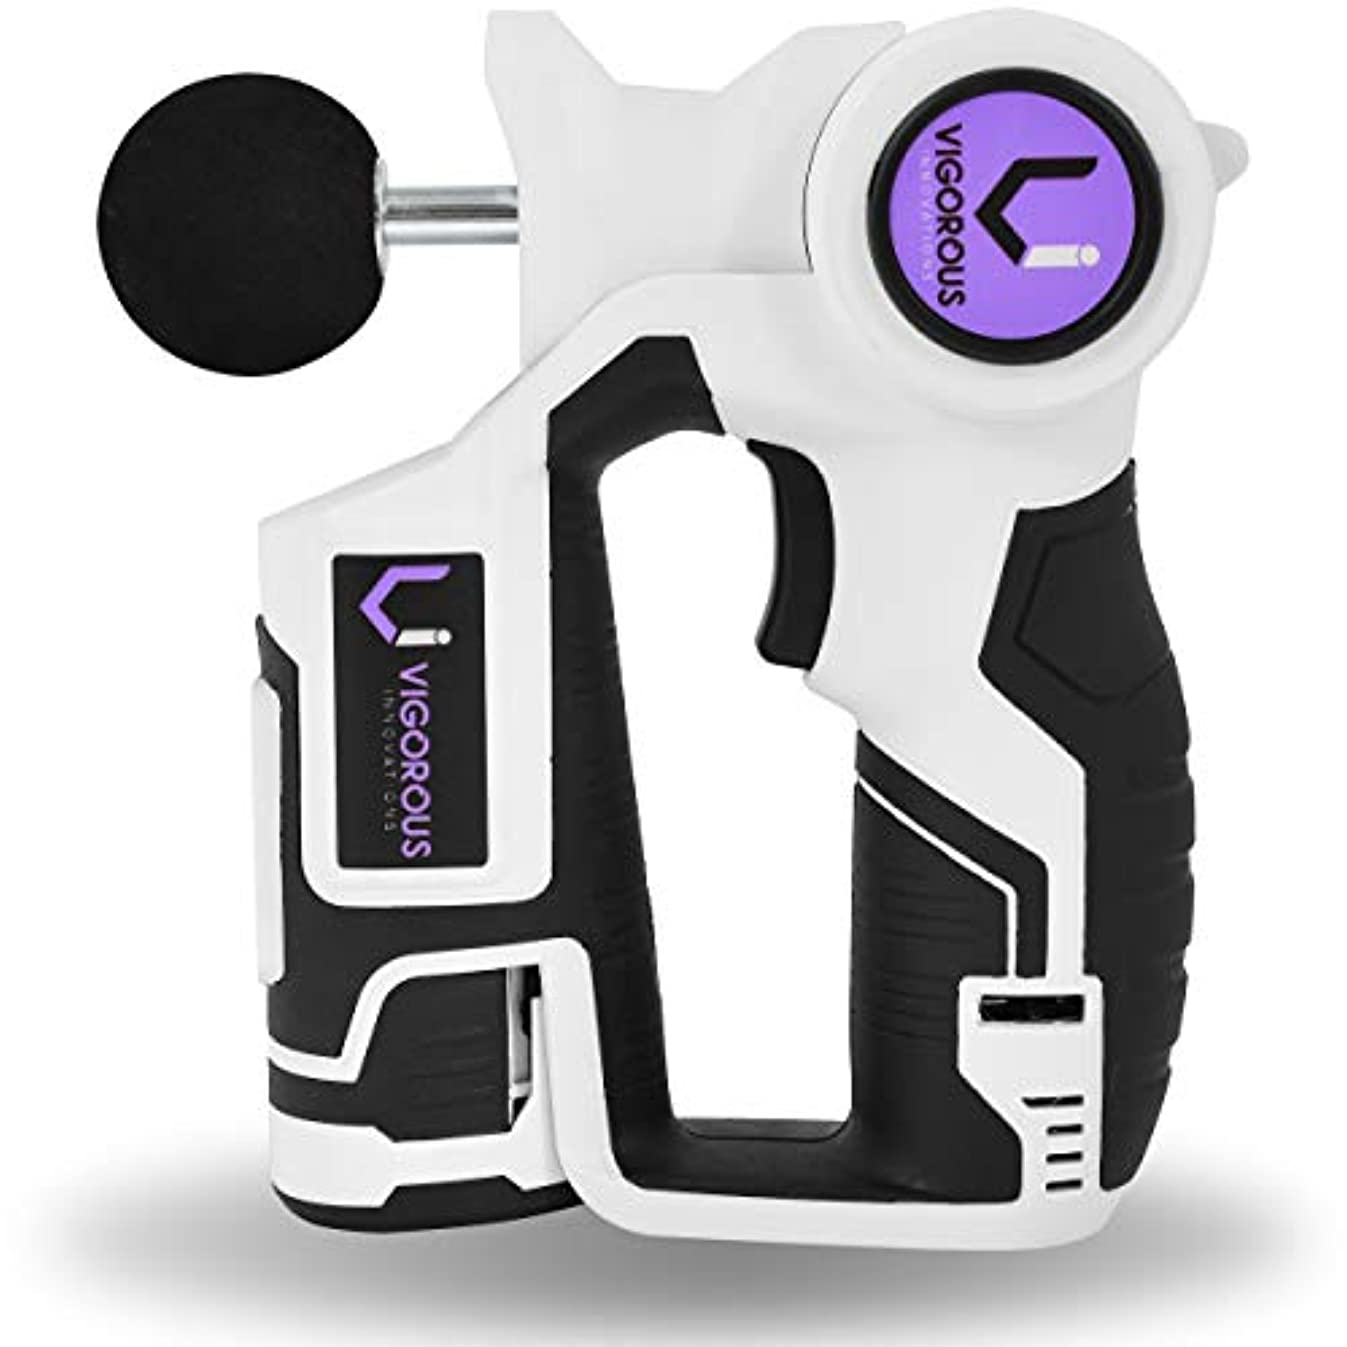 花瓶レトルトセンブランスジグソー マッサージガン アスリート用 Jigsaw Massage Gun for Athletes - 2 Long Lasting Batteries w/Percussion Deep Tissue Massager...